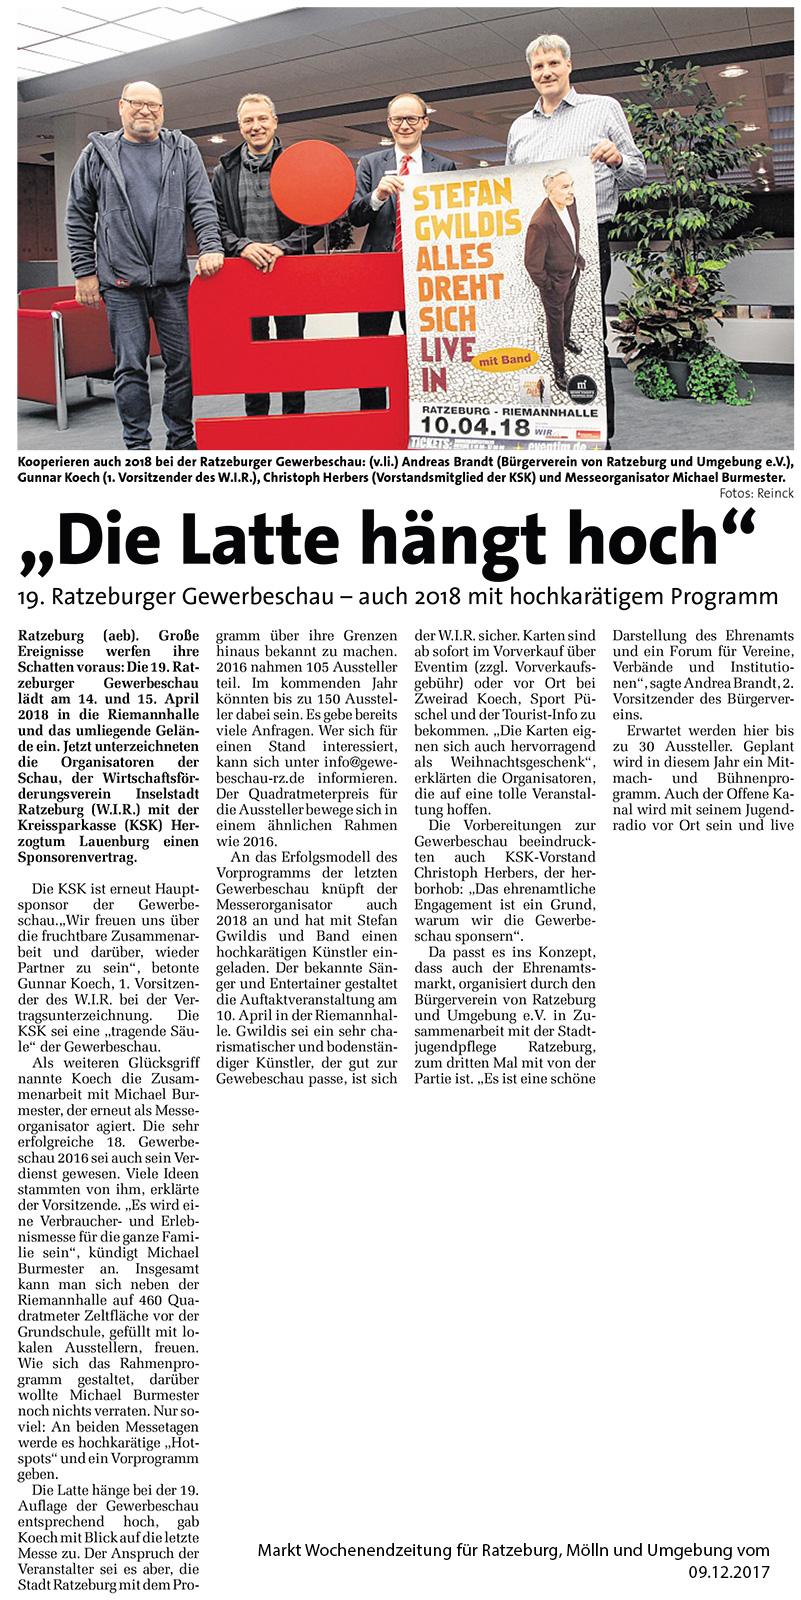 Markt Wochenendzeitung für Ratzeburg, Mölln und Umgebung vom 09.12.2017